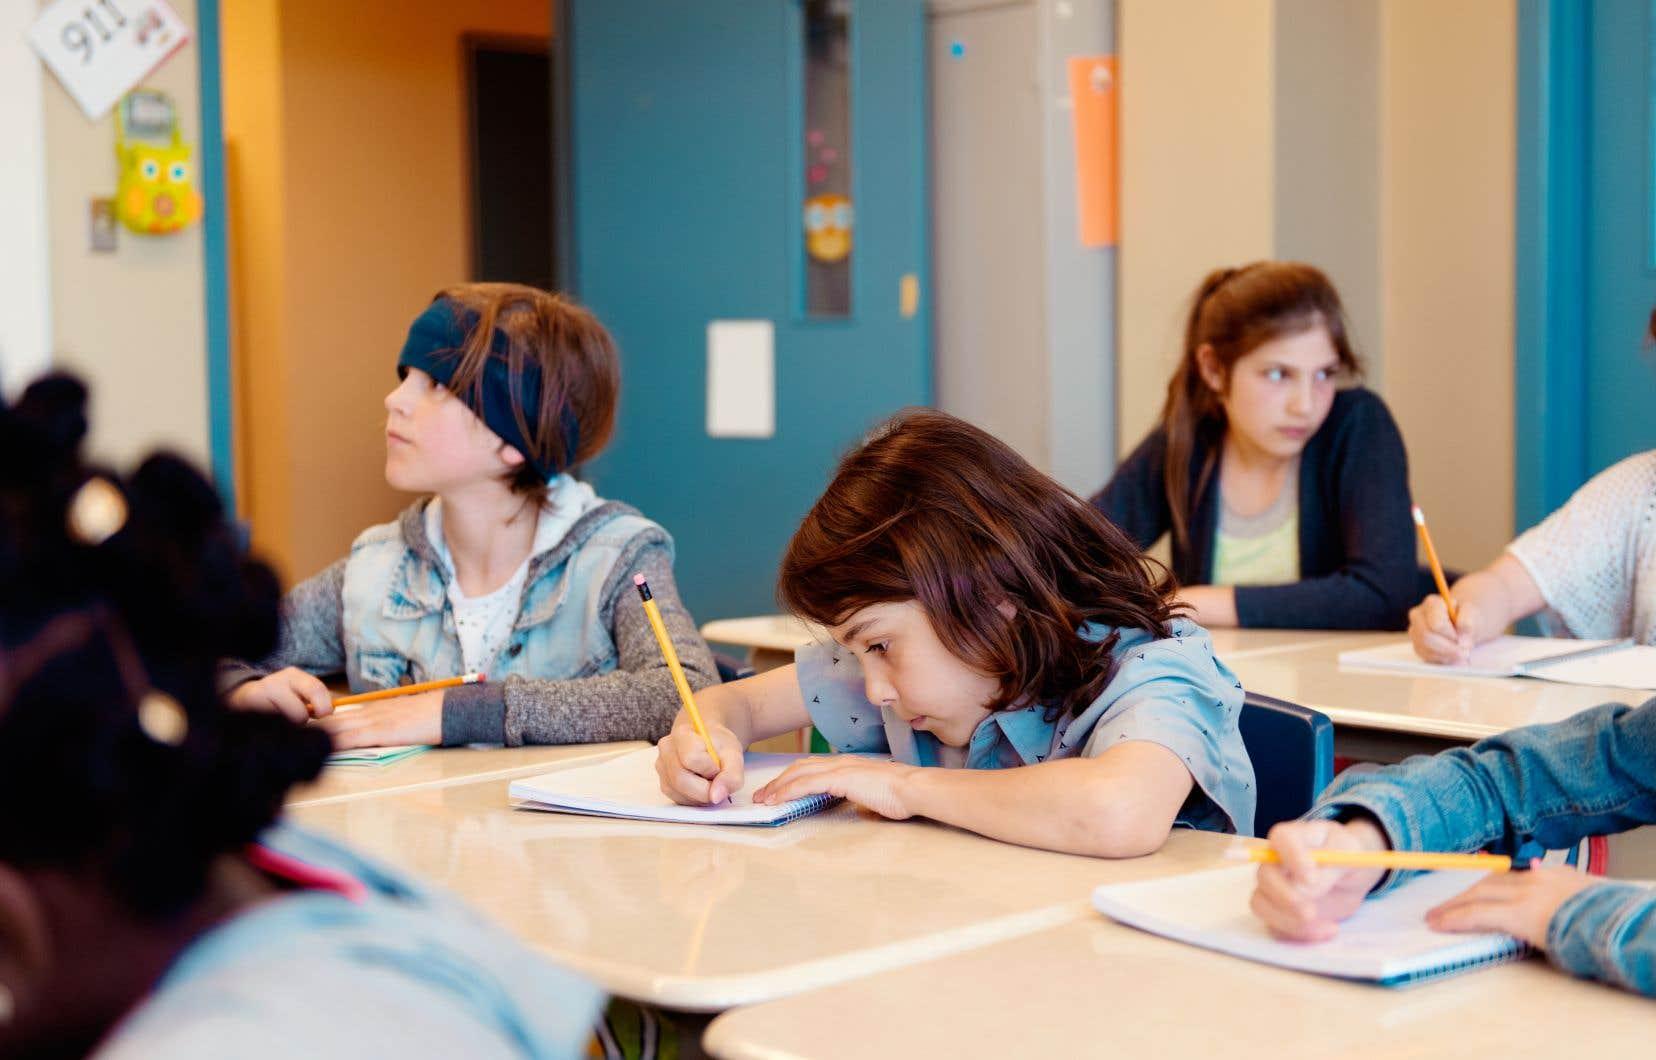 «Nous croyons que l'école a un rôle prépondérant à jouer au regard des besoins des jeunes pour trouver la meilleure façon de les aider», affirment les auteurs.